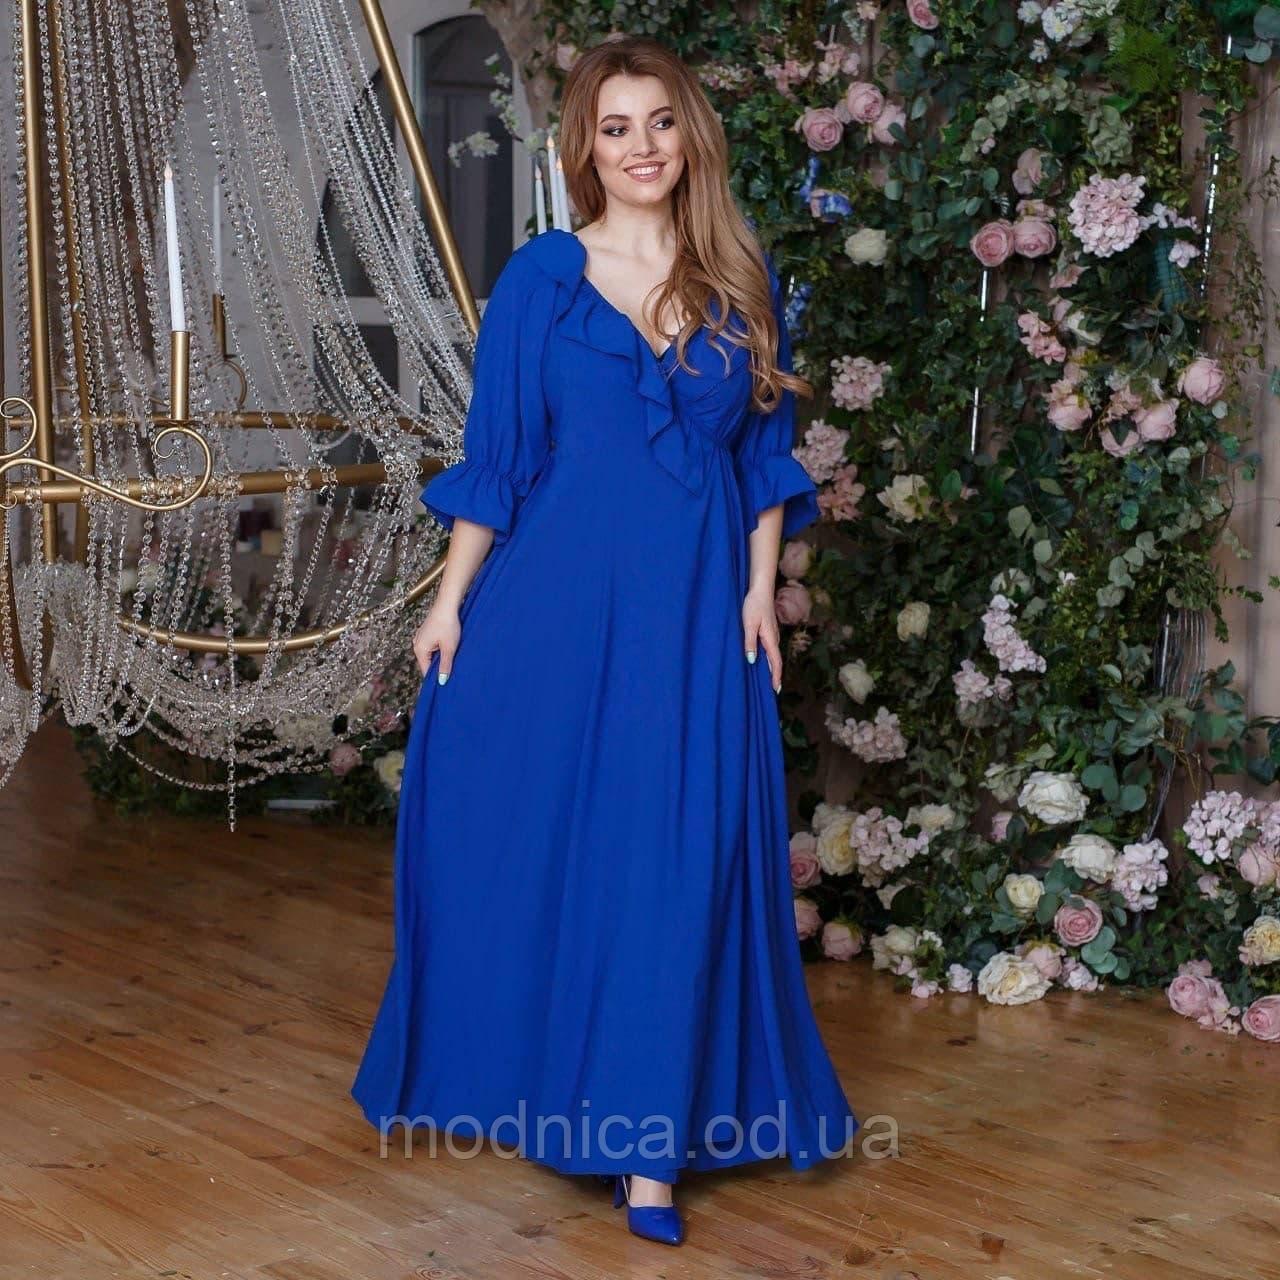 Летнее длинное женское платье на запах, размеры 48-52, 54-58, 60-64